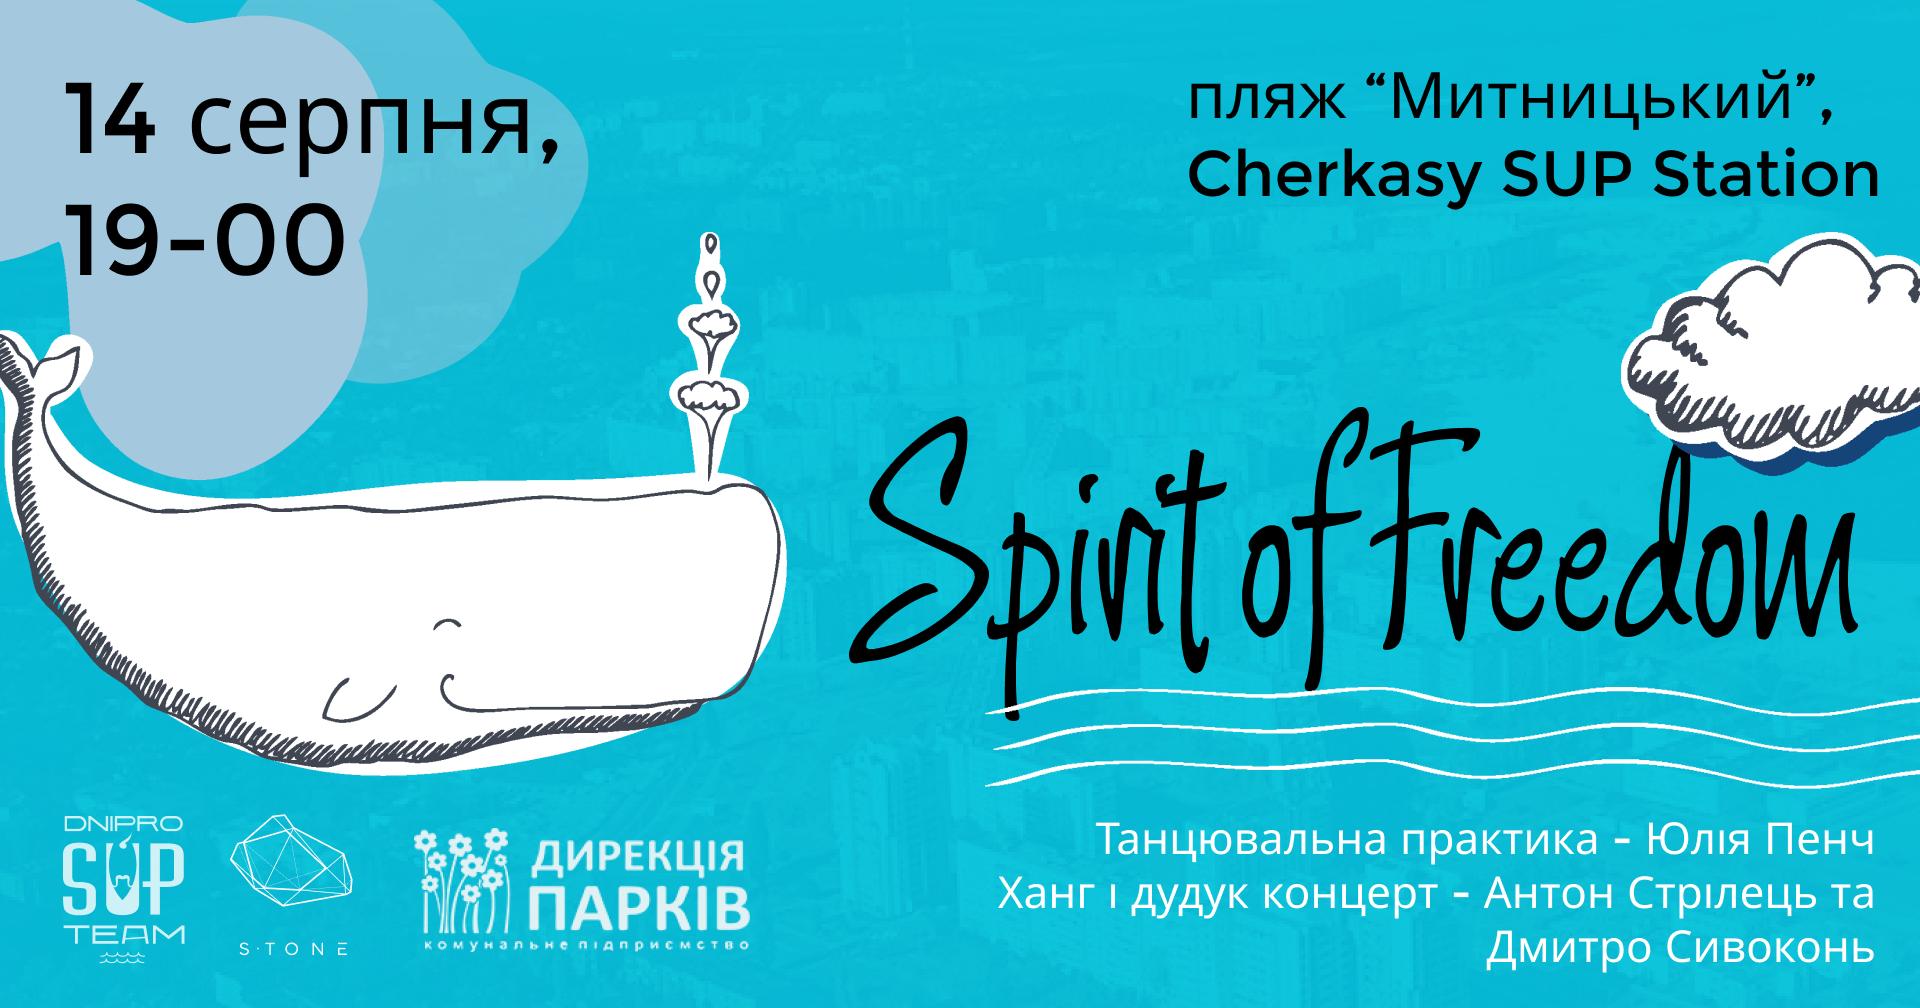 У Черкасах, на Митницькому пляжі відбудеться івент «Spirit of freedom»